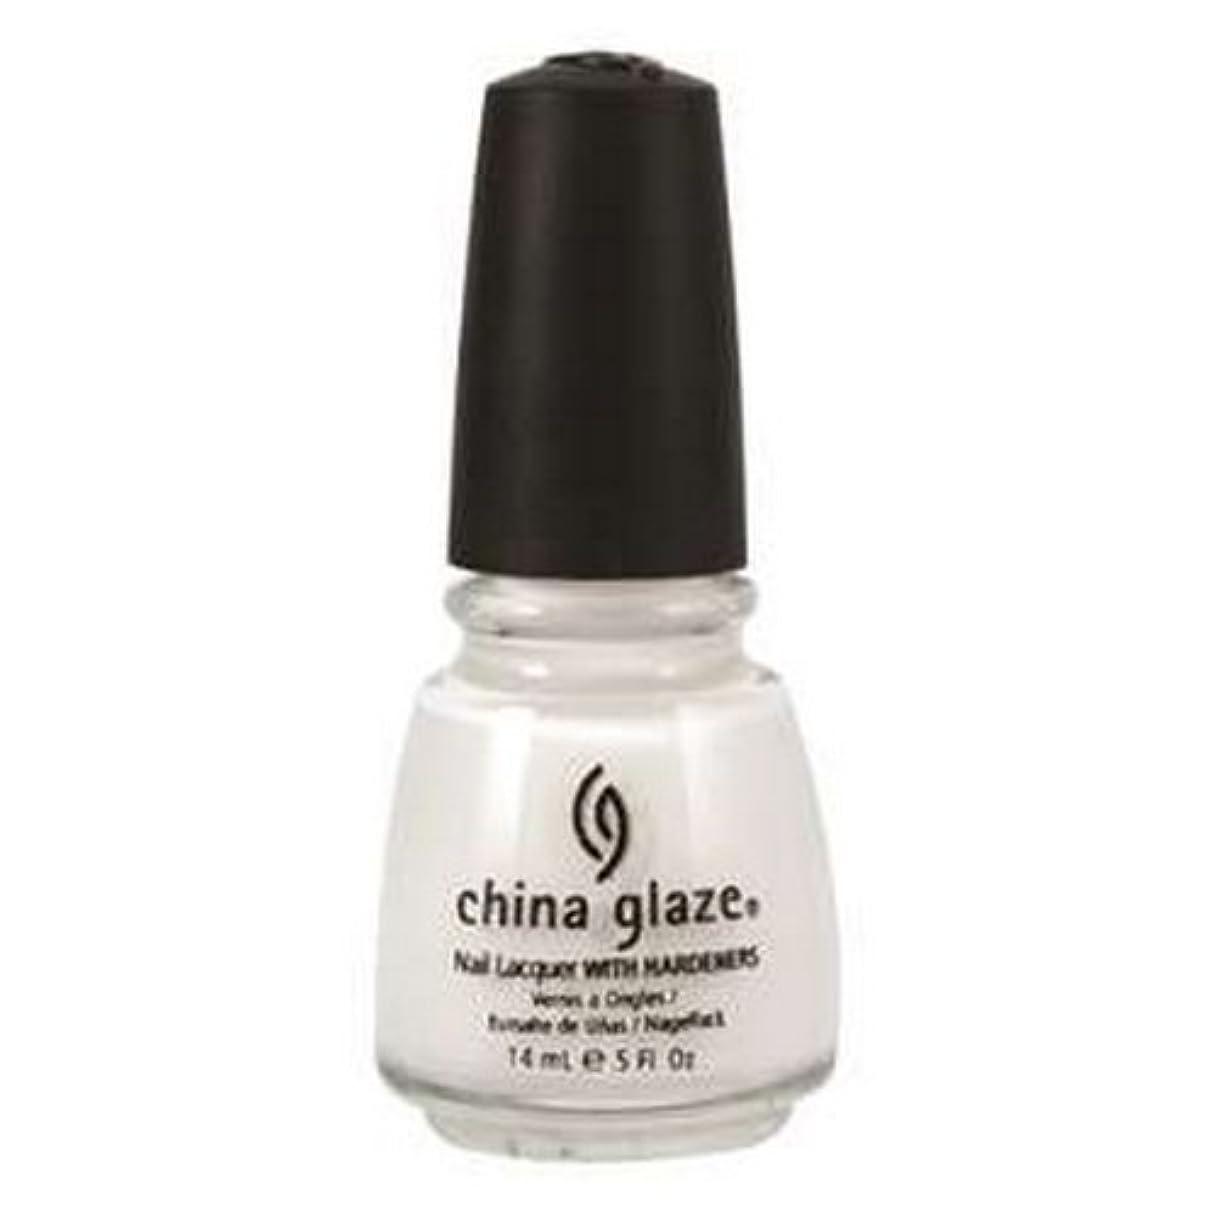 ベックス大学手紙を書く(6 Pack) CHINA GLAZE Nail Lacquer with Nail Hardner 2 - Snow (並行輸入品)